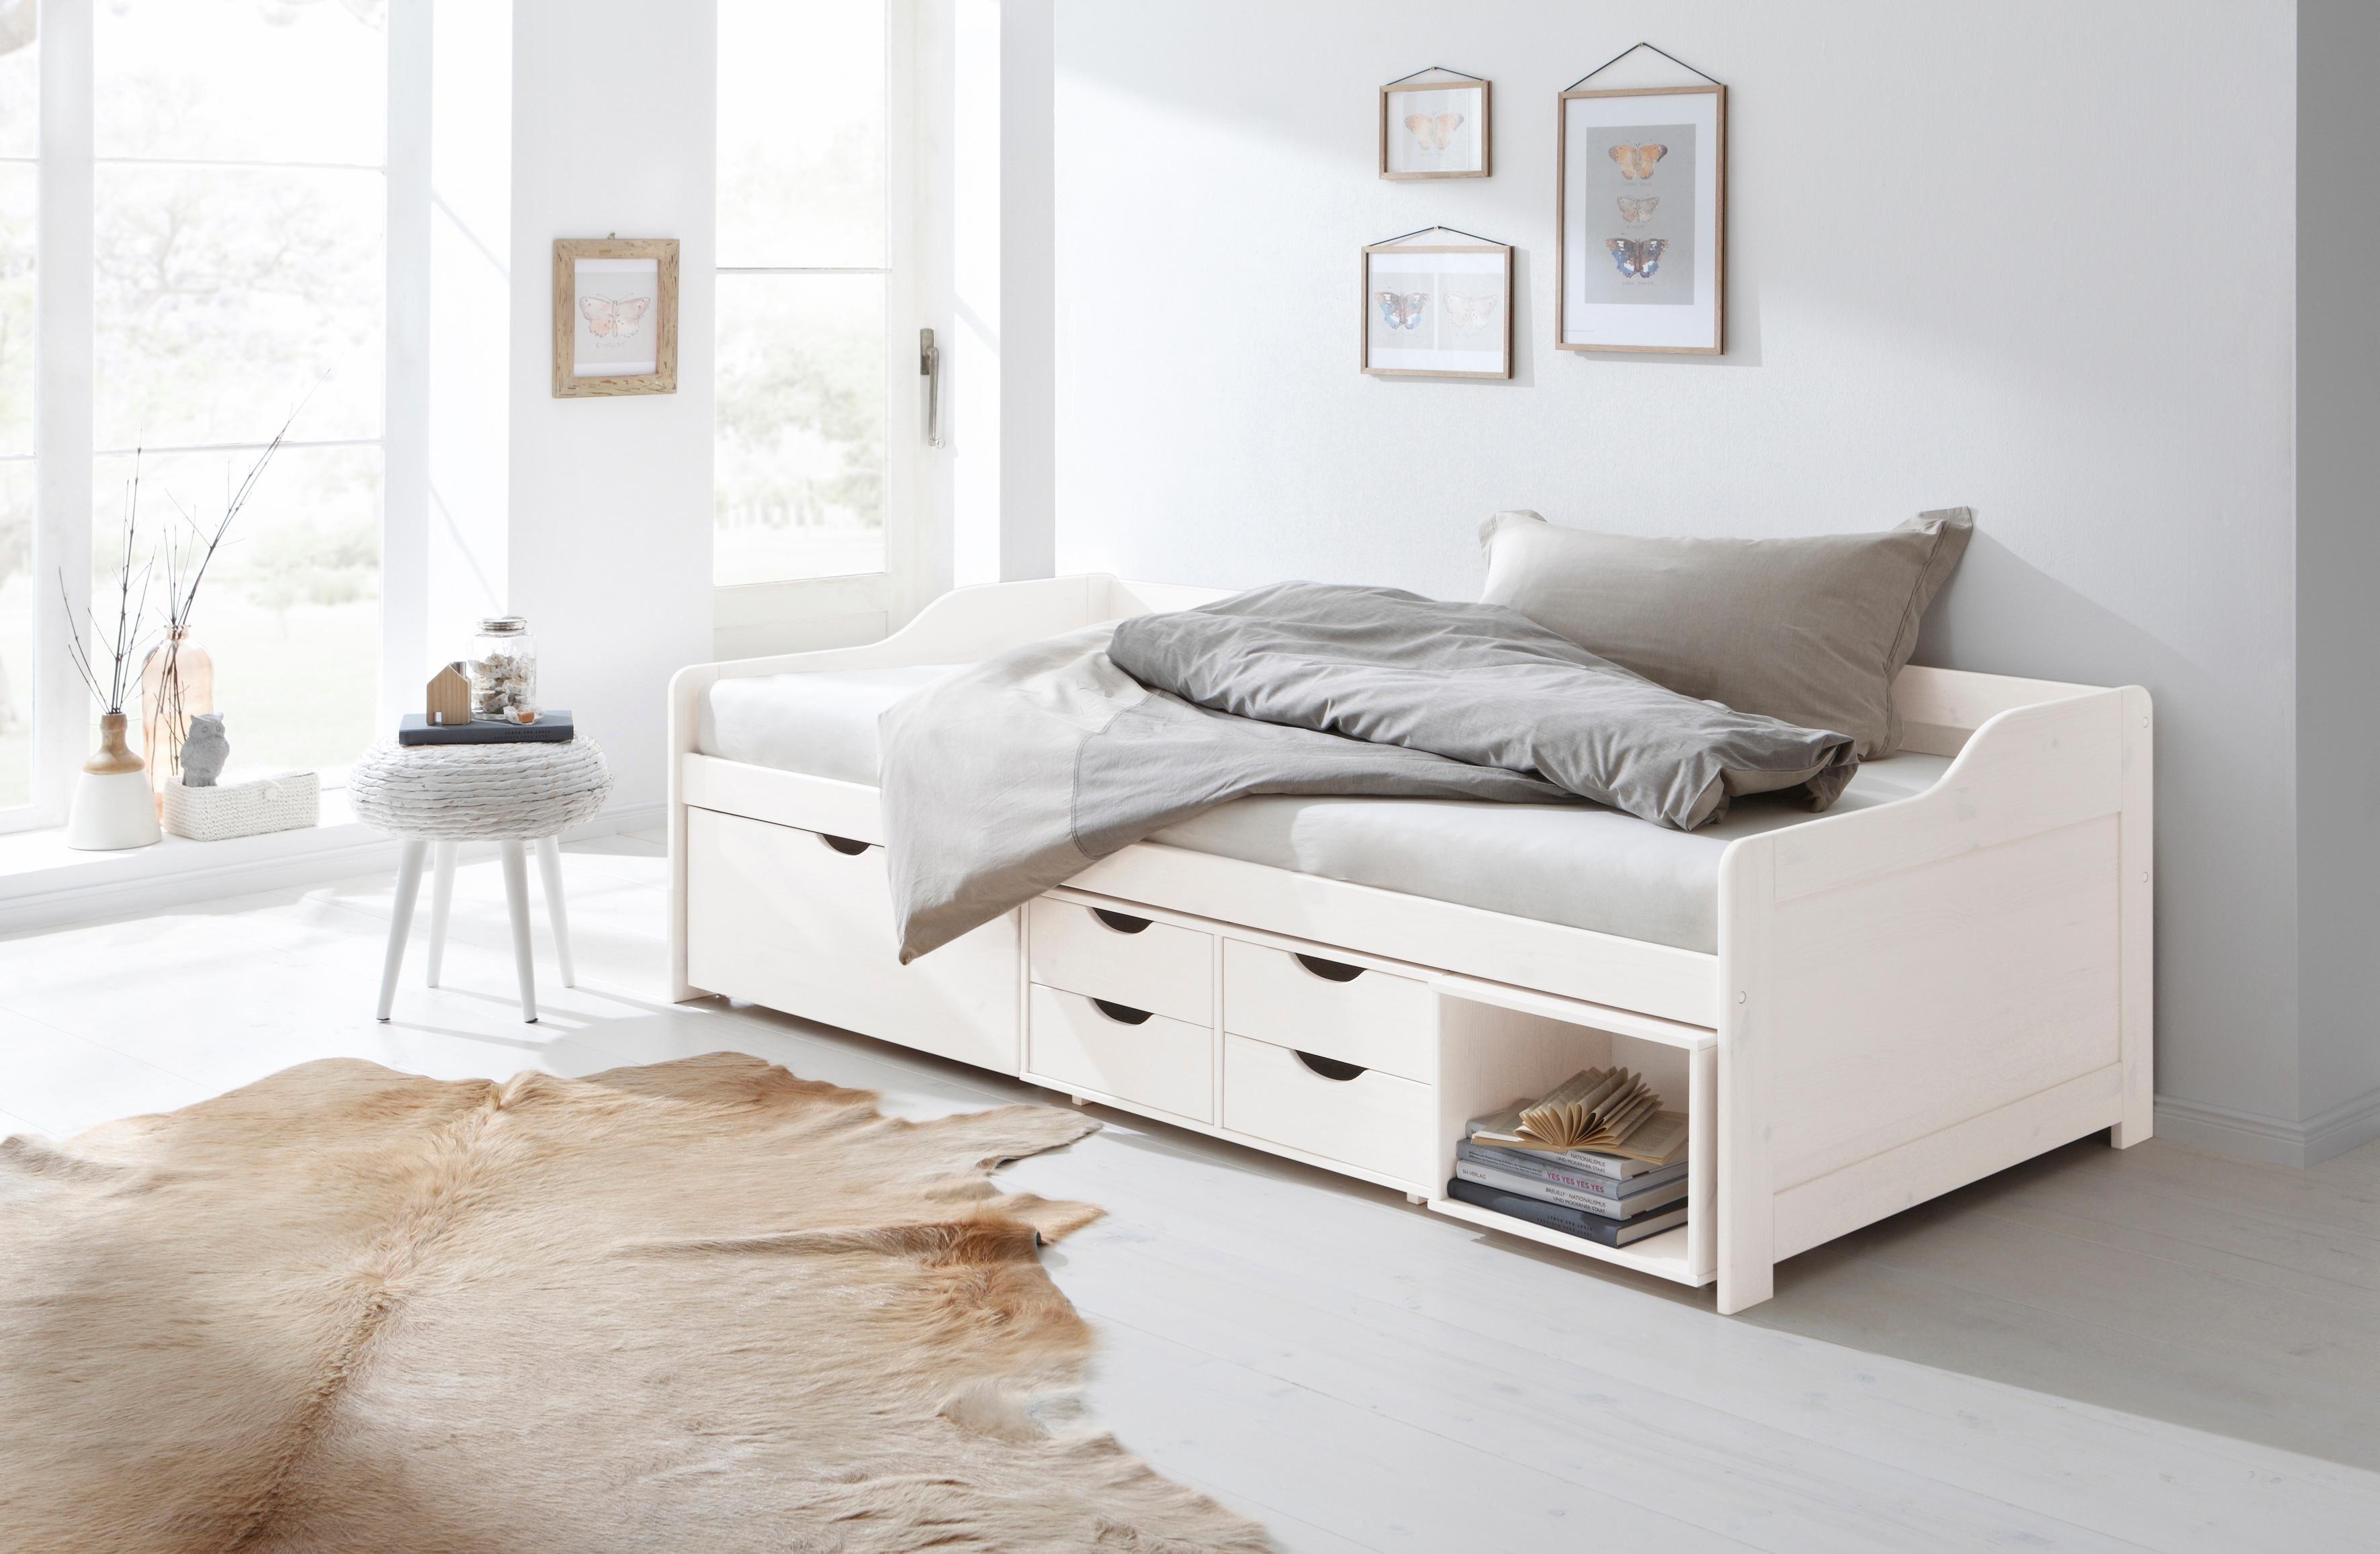 betten mit stauraum preisvergleich die besten angebote. Black Bedroom Furniture Sets. Home Design Ideas